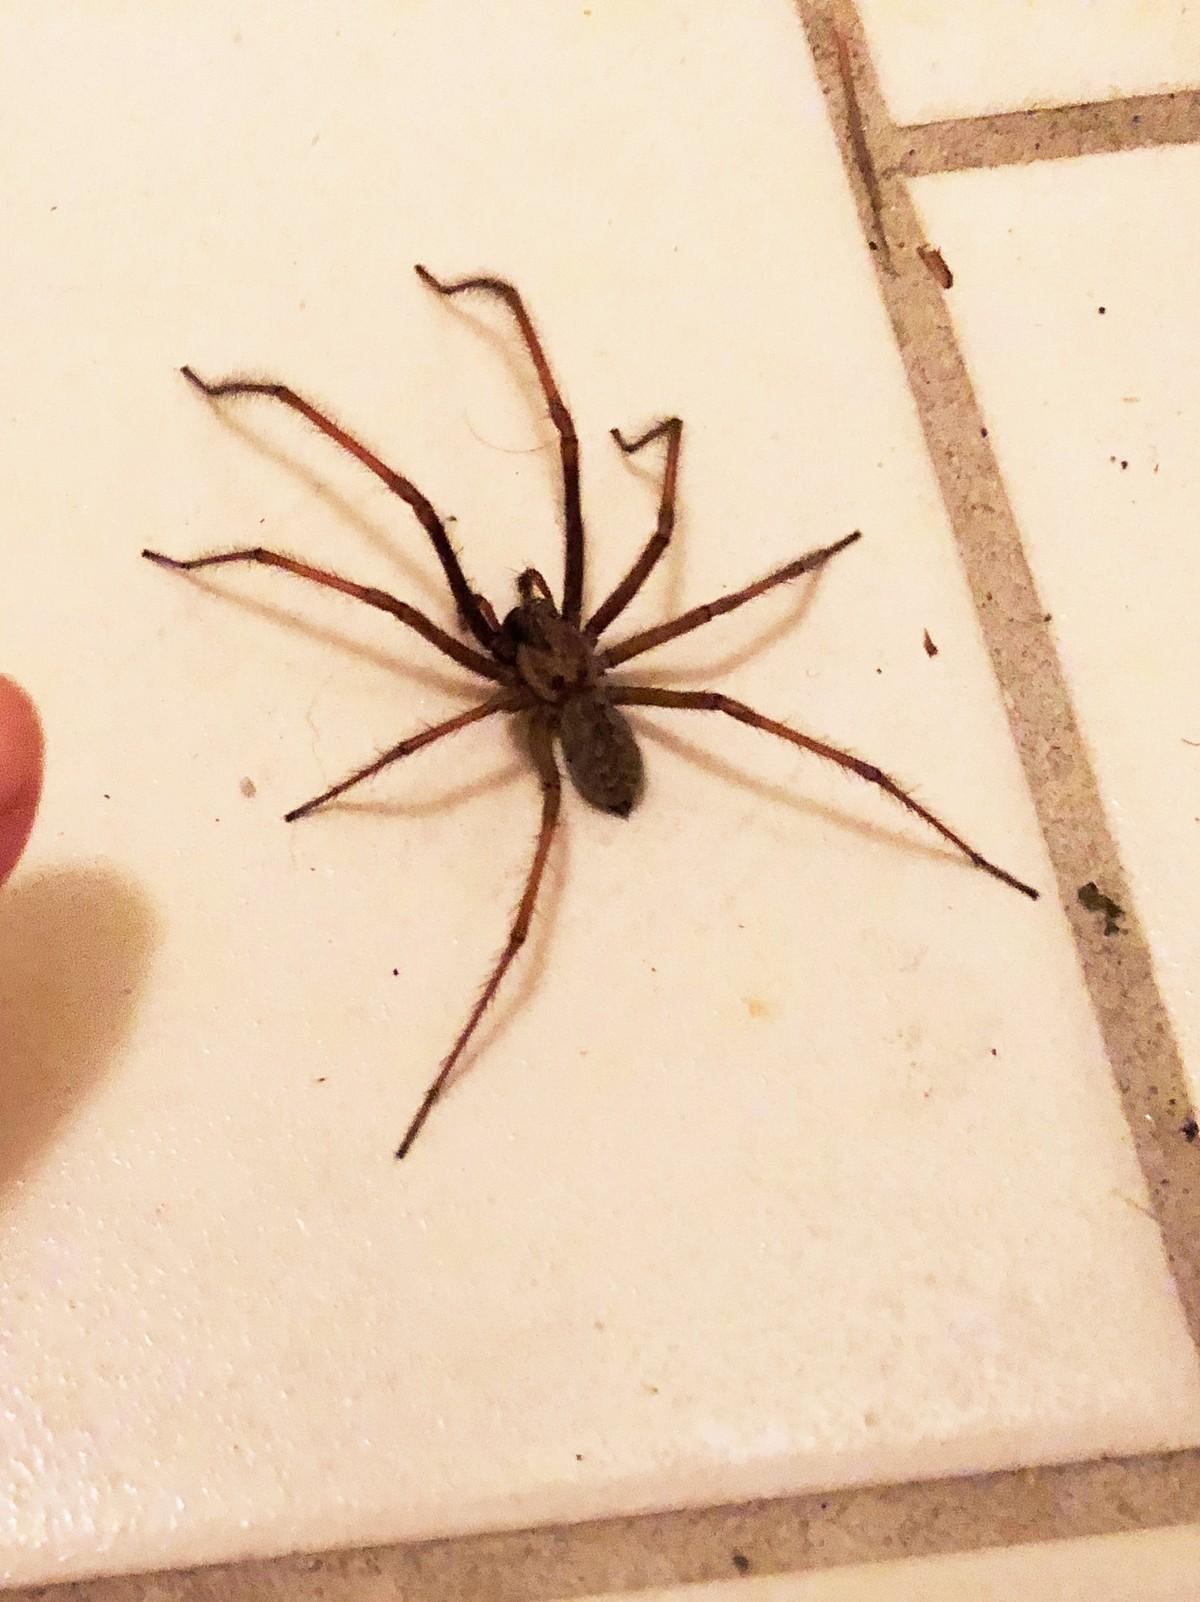 Største Edderkopp I Norge